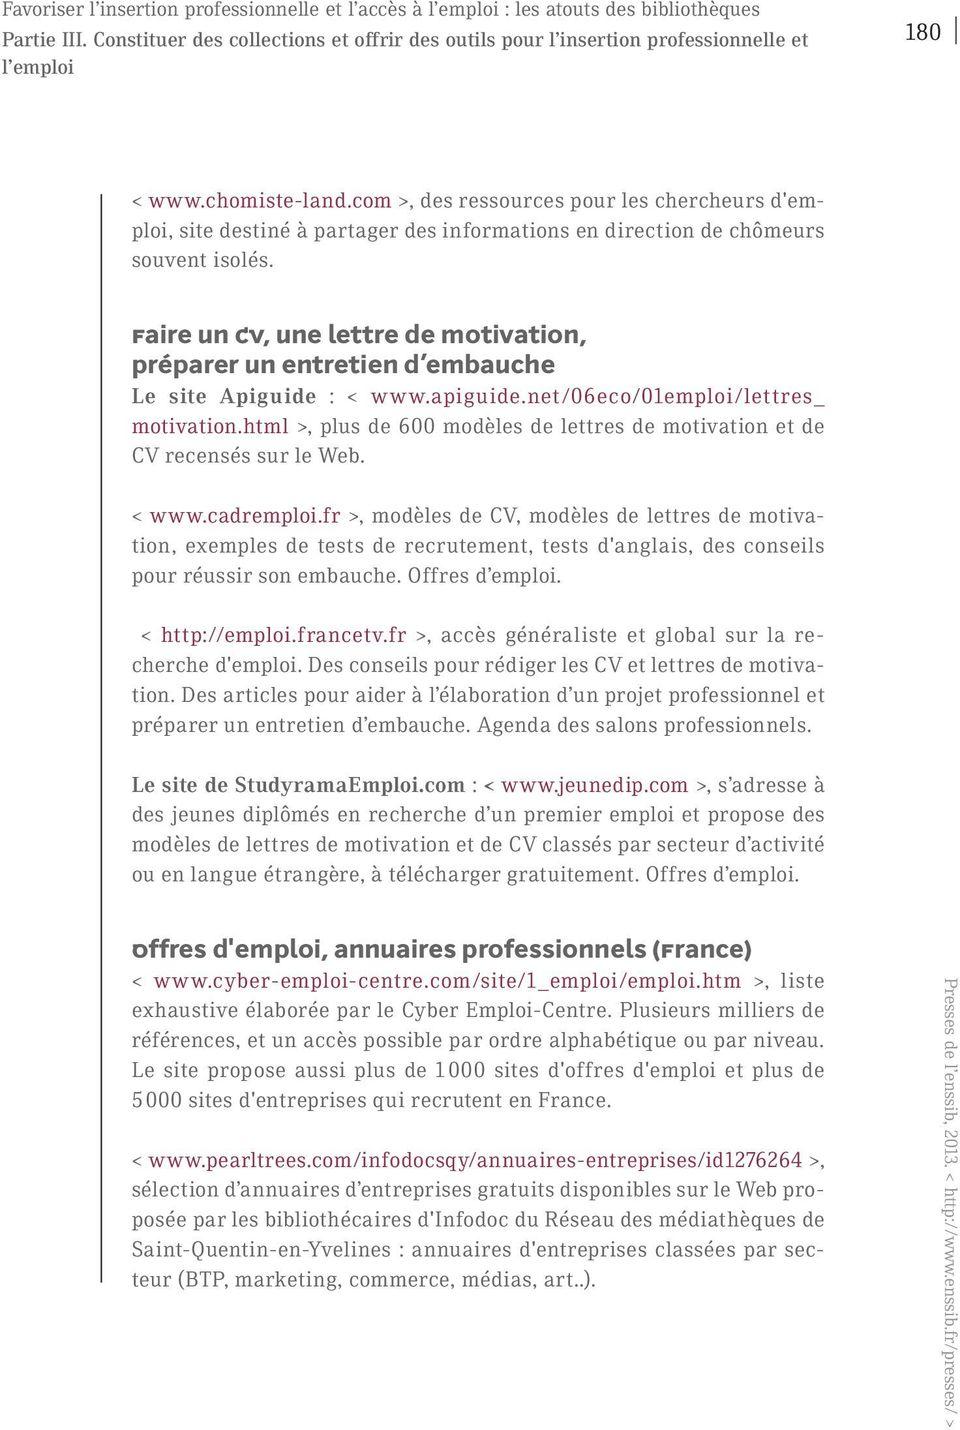 telecharger un cv pdf sur indeed